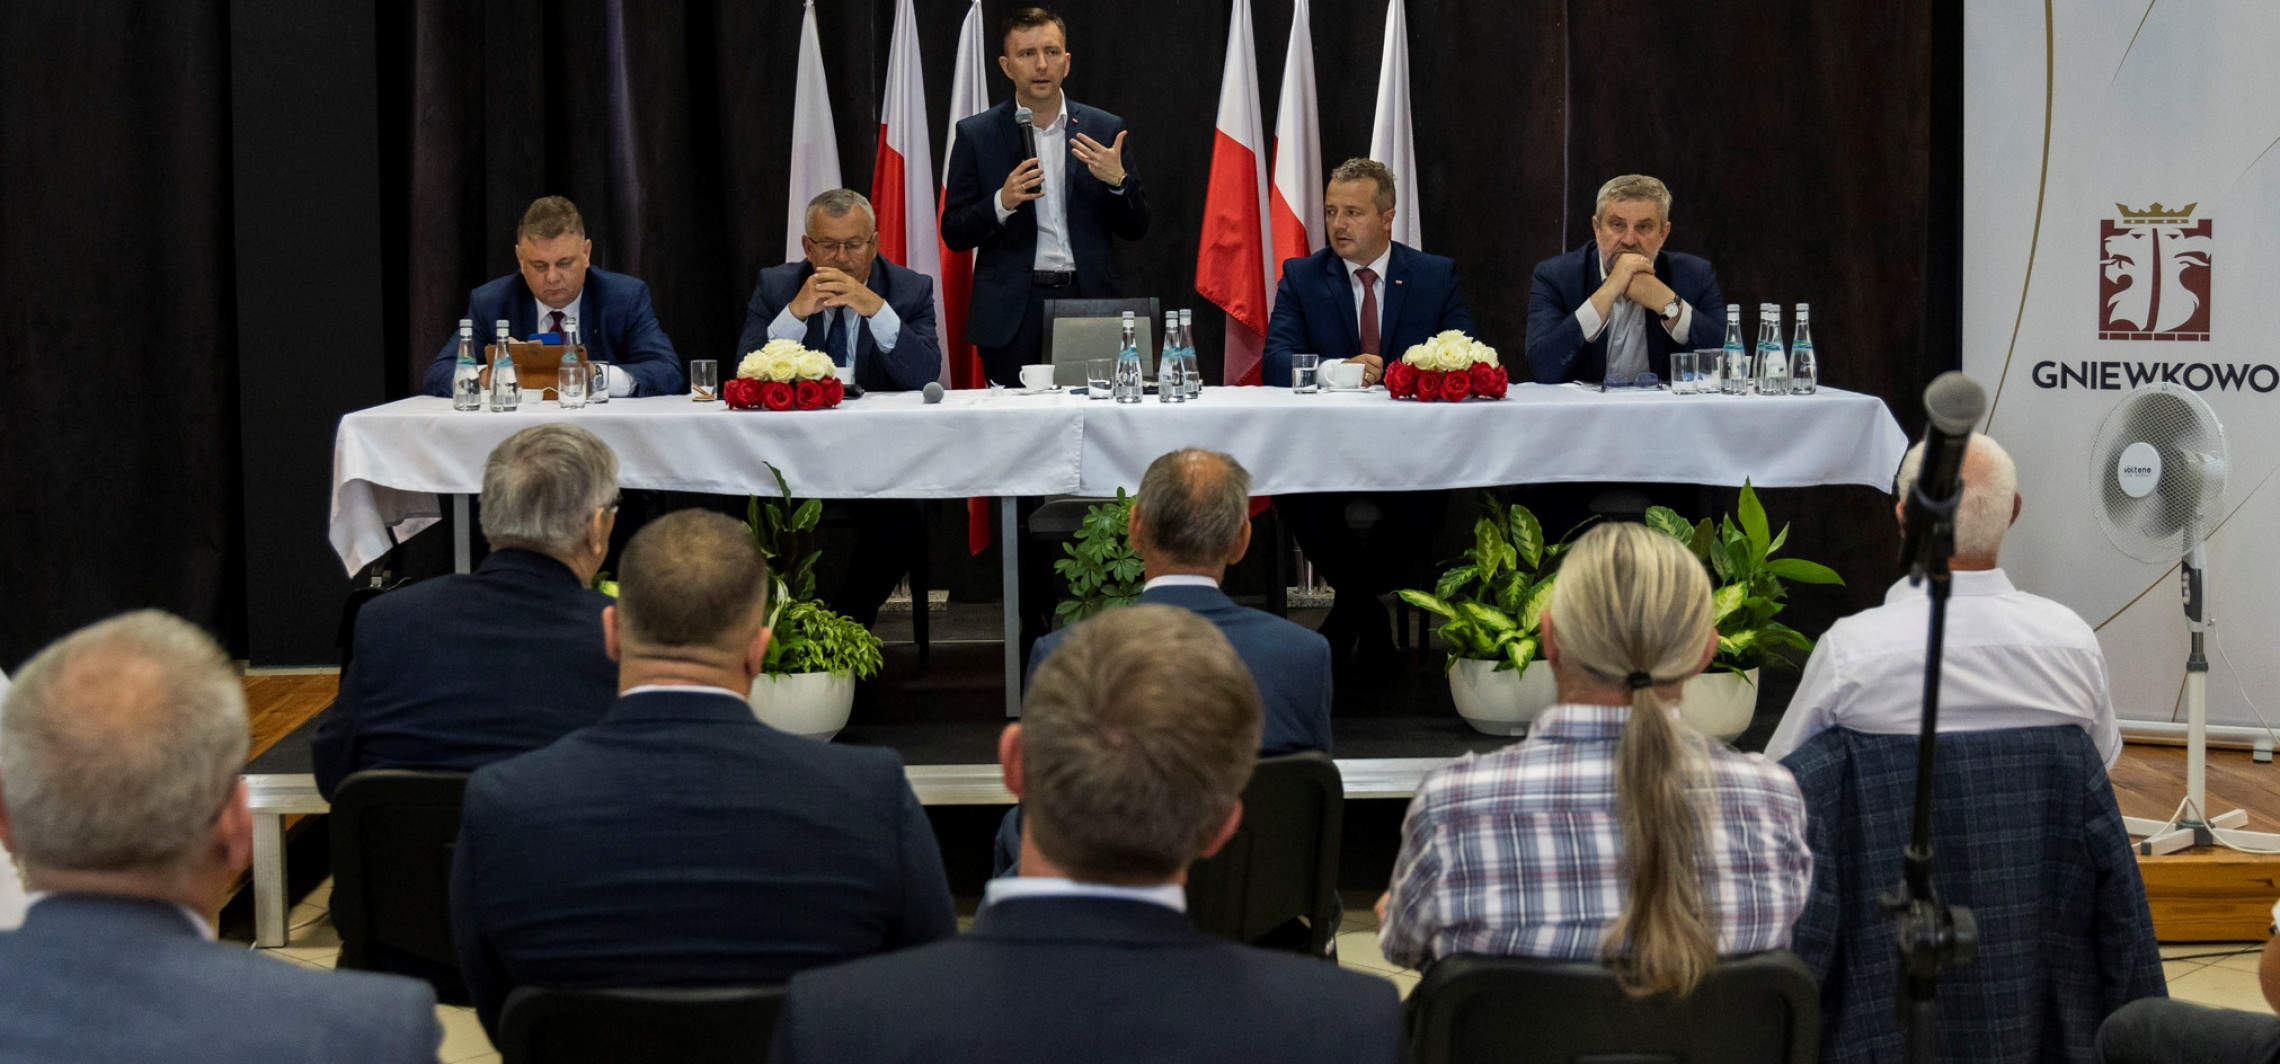 """Gniewkowo - Ruszyli w teren. Przekonują do """"Polskiego Ładu"""""""